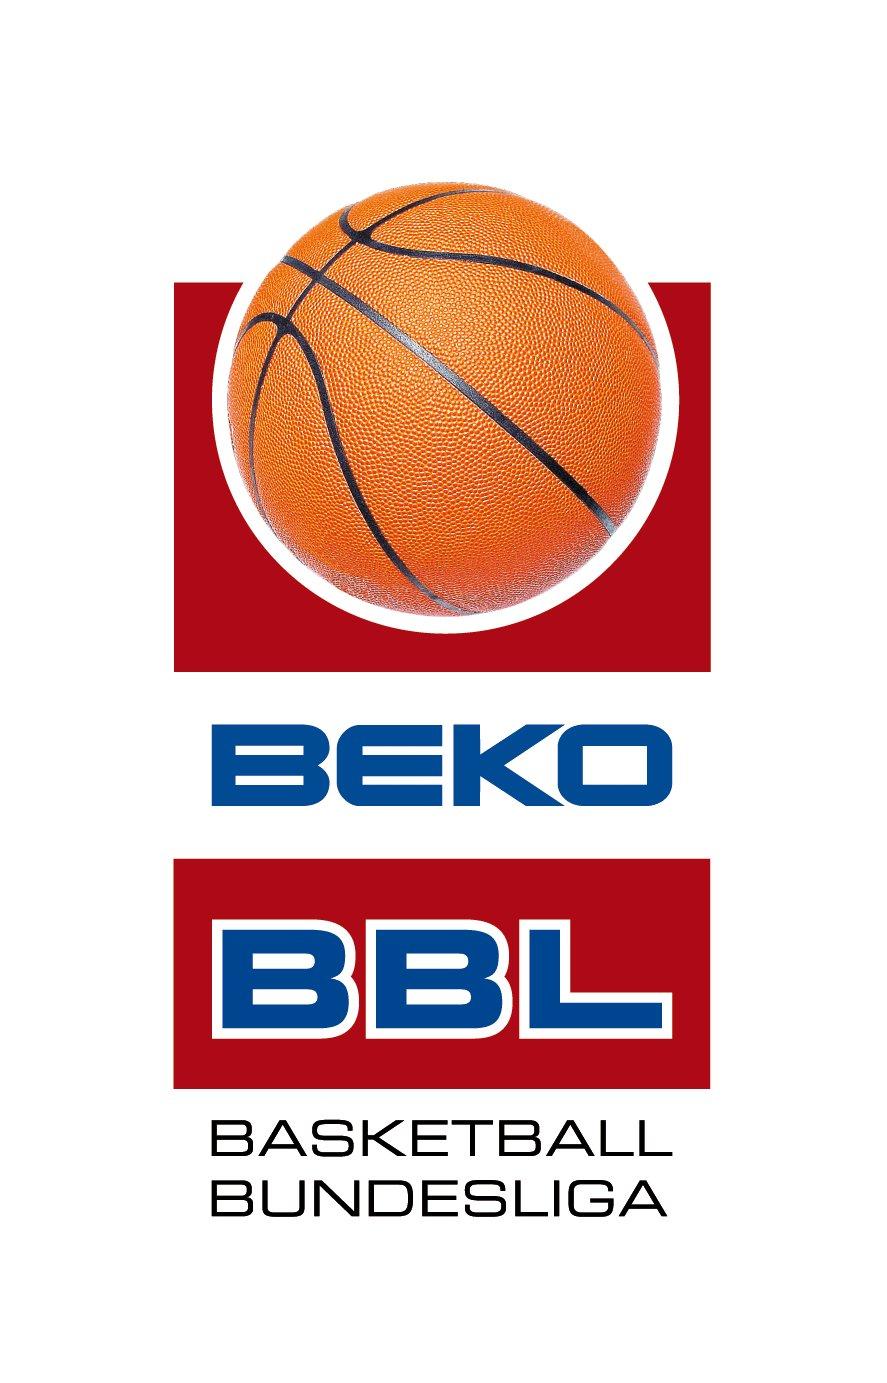 beko basketball